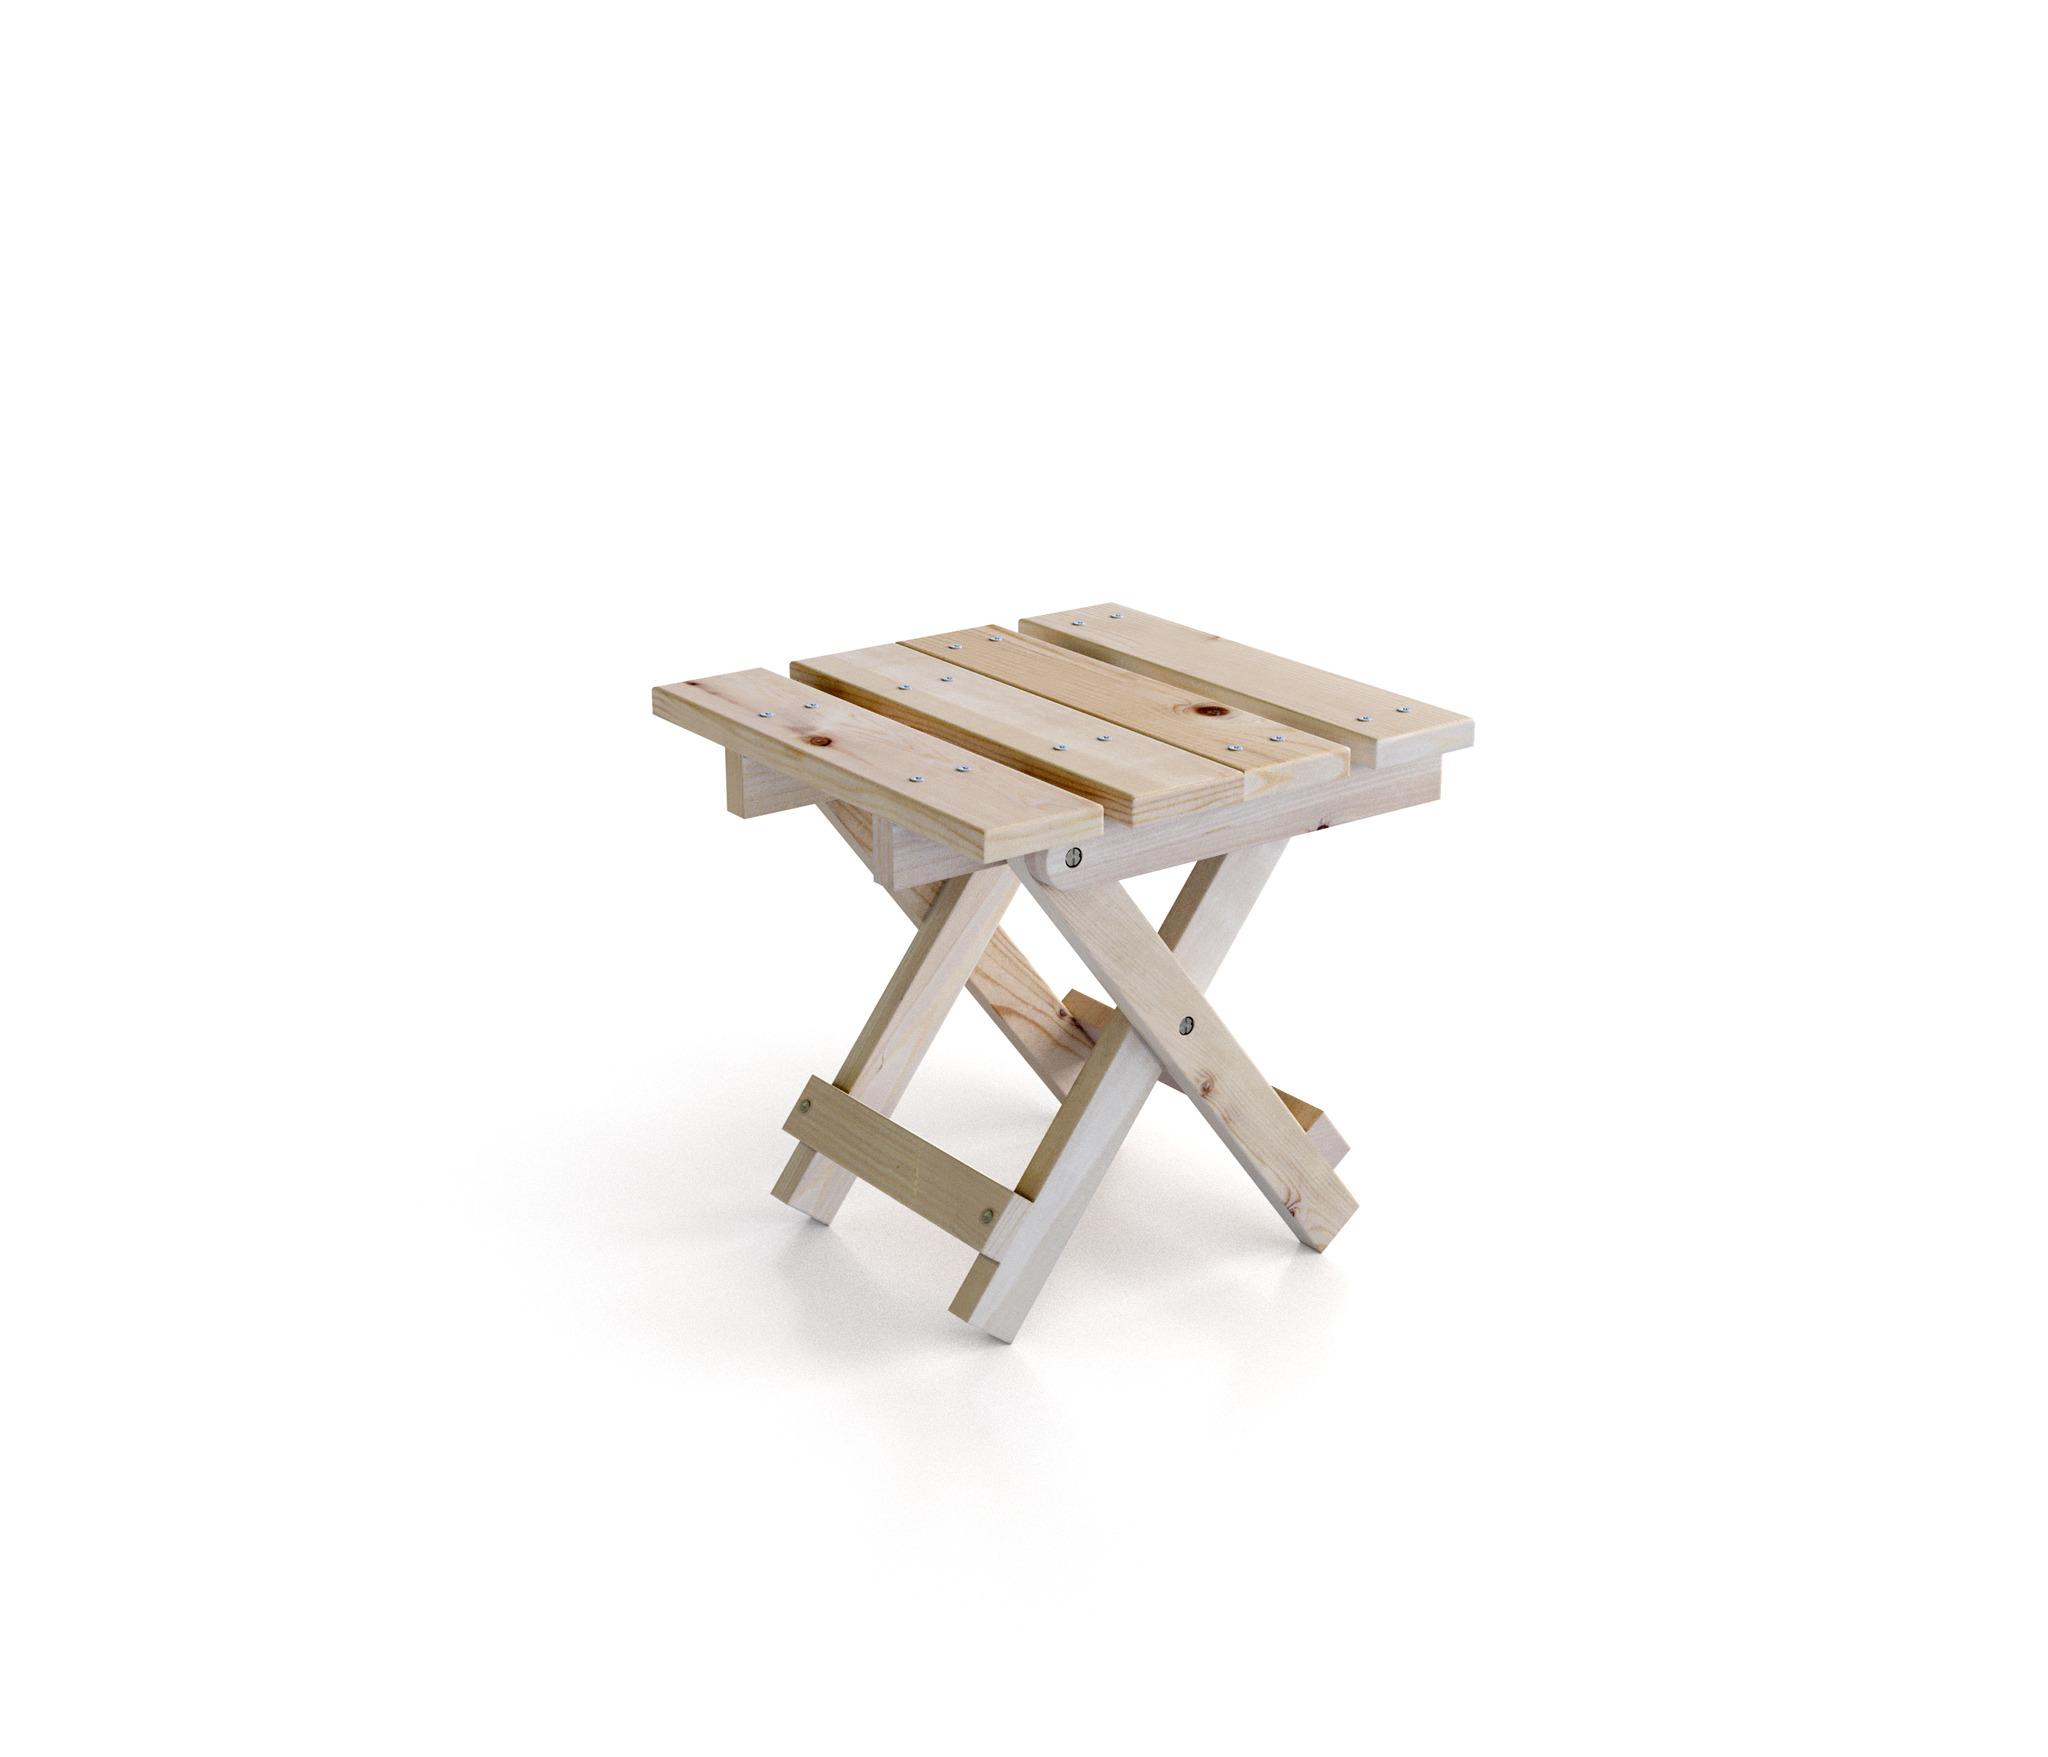 Кантри (Карелия) МС-25 табурет раскладной соснаСопутствующие<br>Удобный раскладной табурет из массива сосны.&#13;ВНИМАНИЕ! Перед началом эксплуатации вне помещений, необходимо обработать деревянные части мебели специализированными защитными составами!&#13;]]&gt;<br><br>Длина мм: 360<br>Высота мм: 353<br>Глубина мм: 350